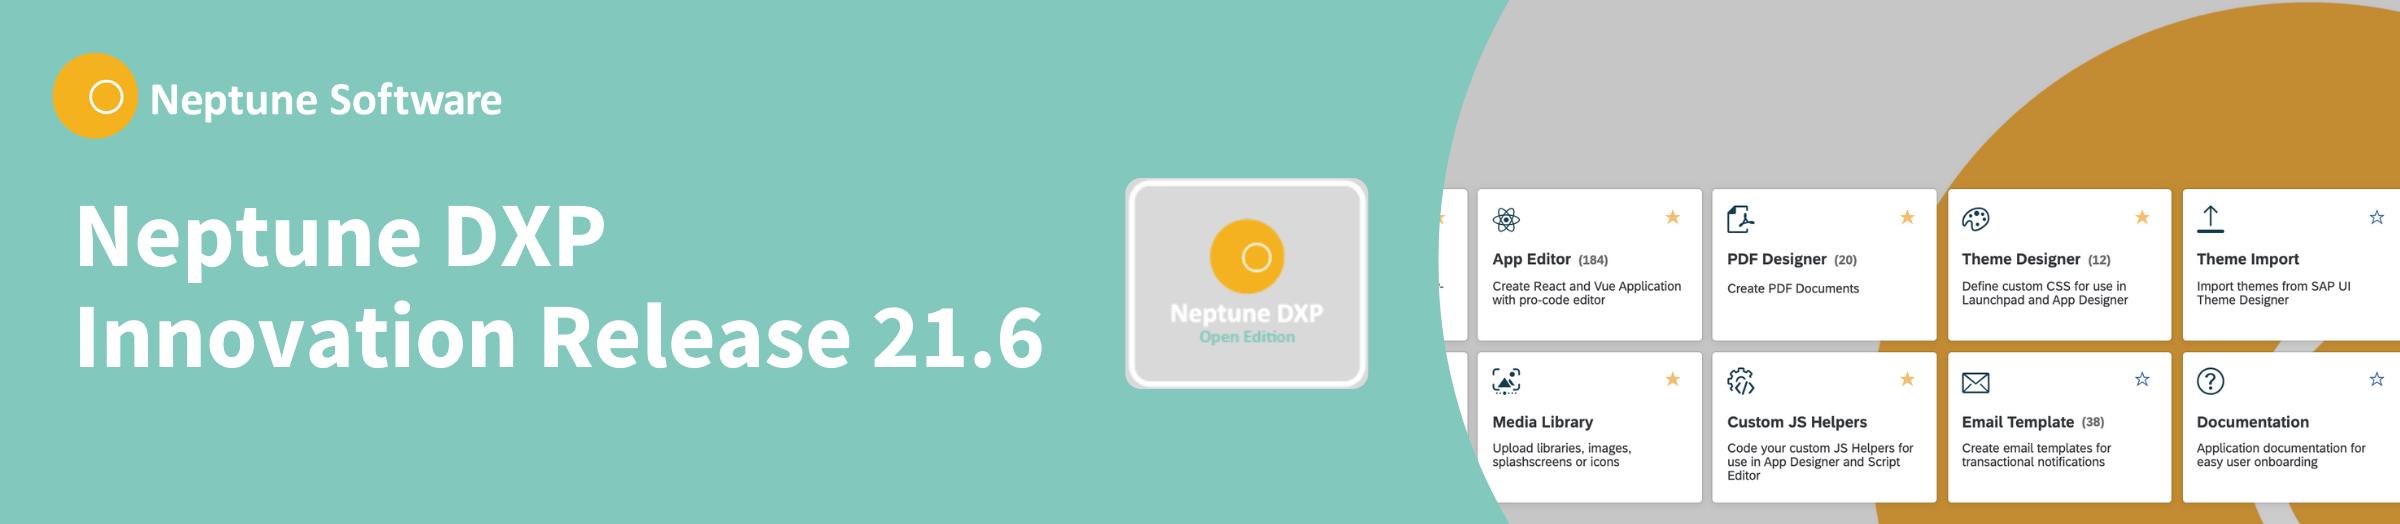 Neptune DXP Open Edition